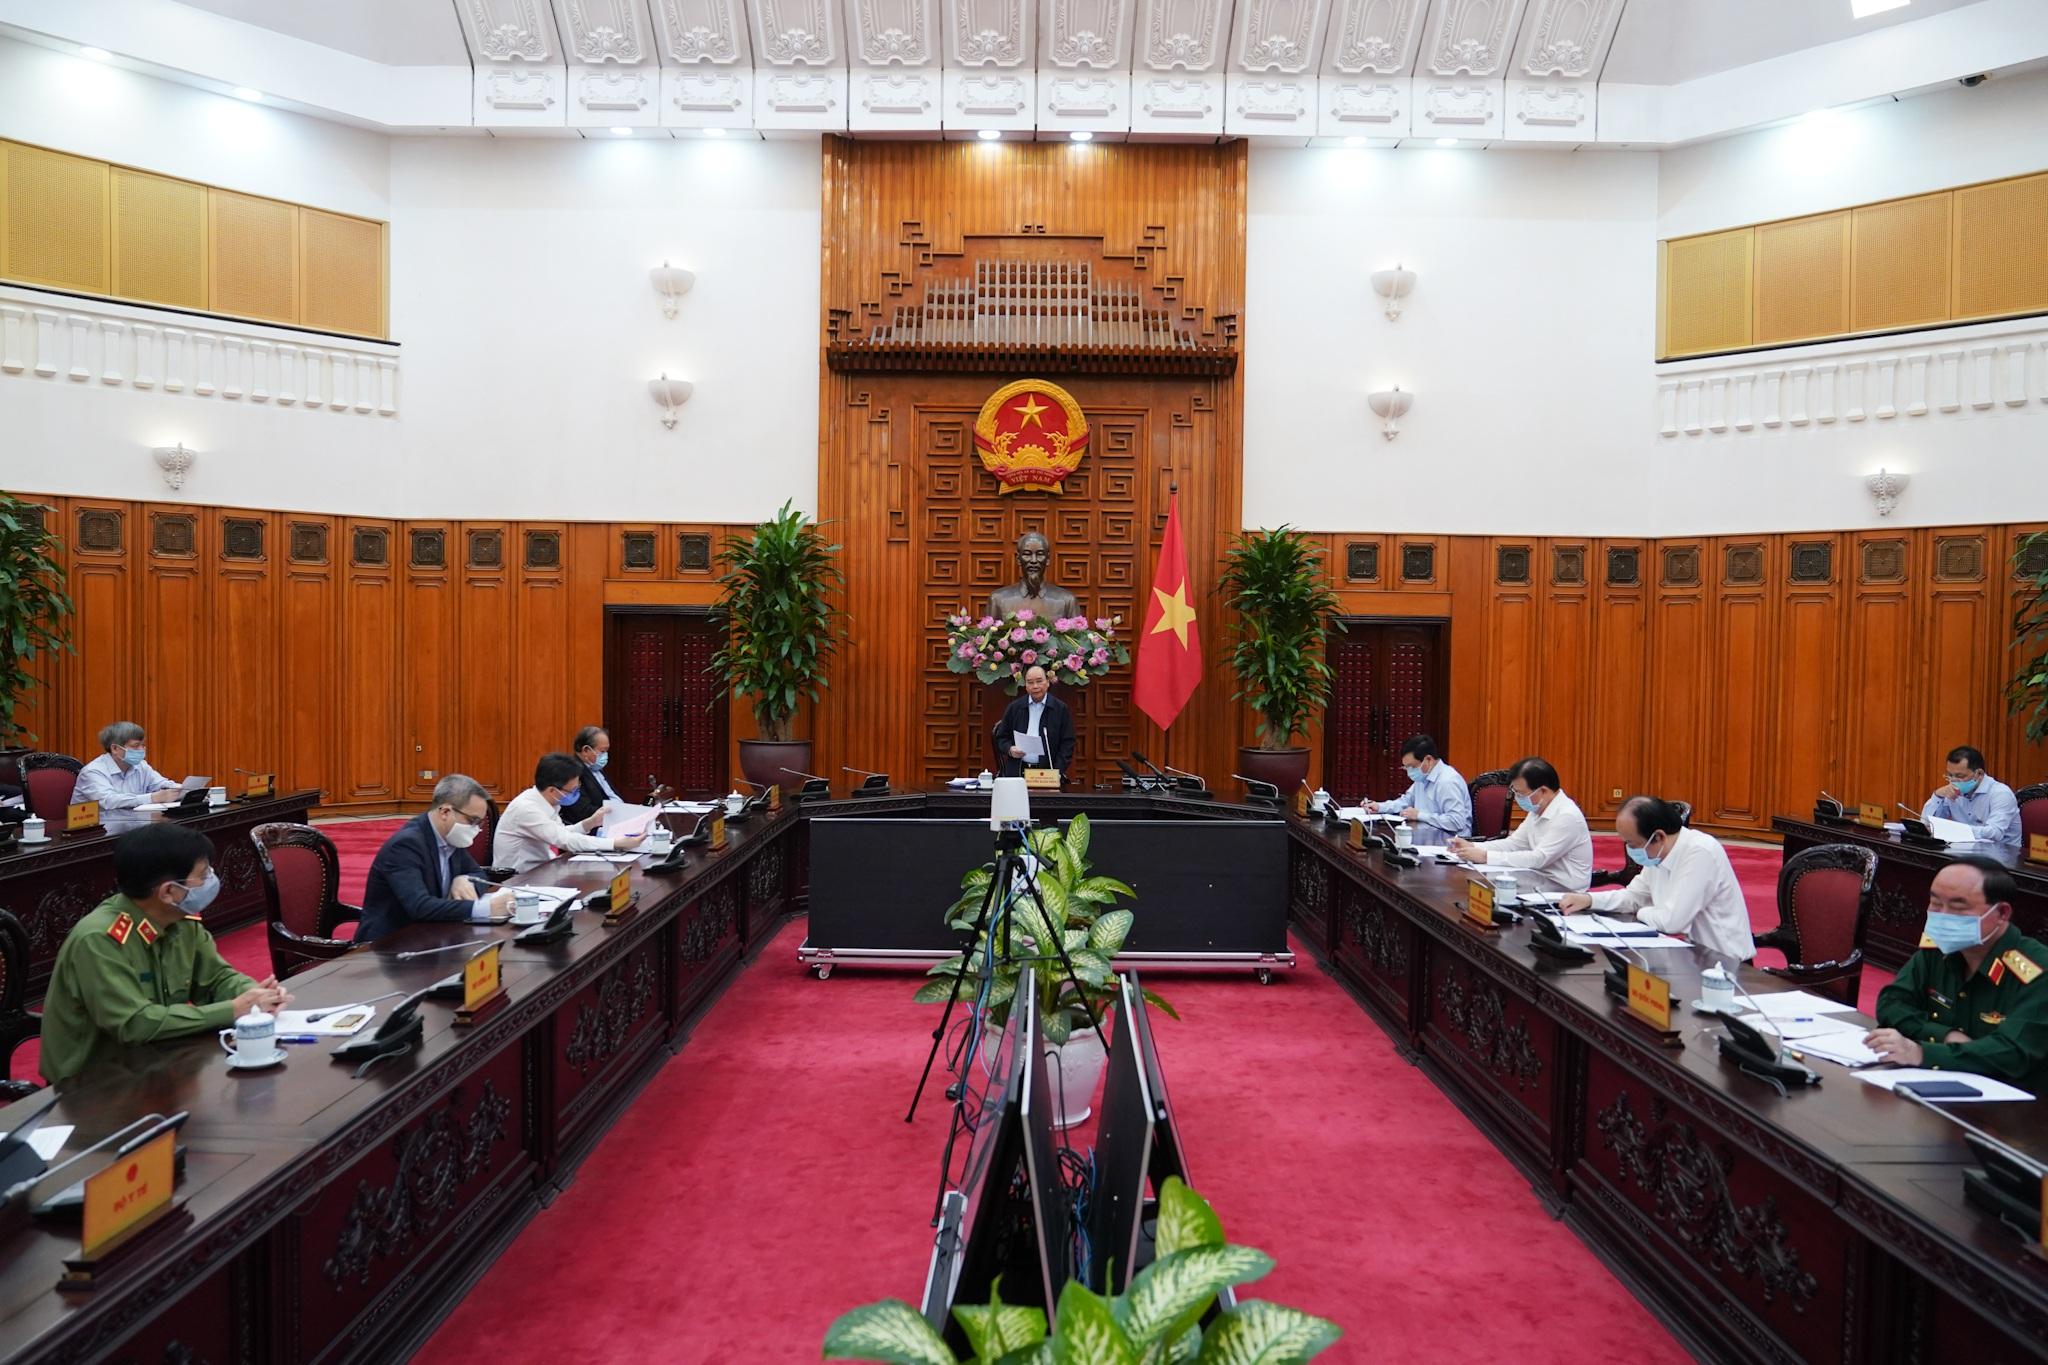 Thủ tướng chỉ đạo nên dừng việc đi lại, không tập trung quá 20 người